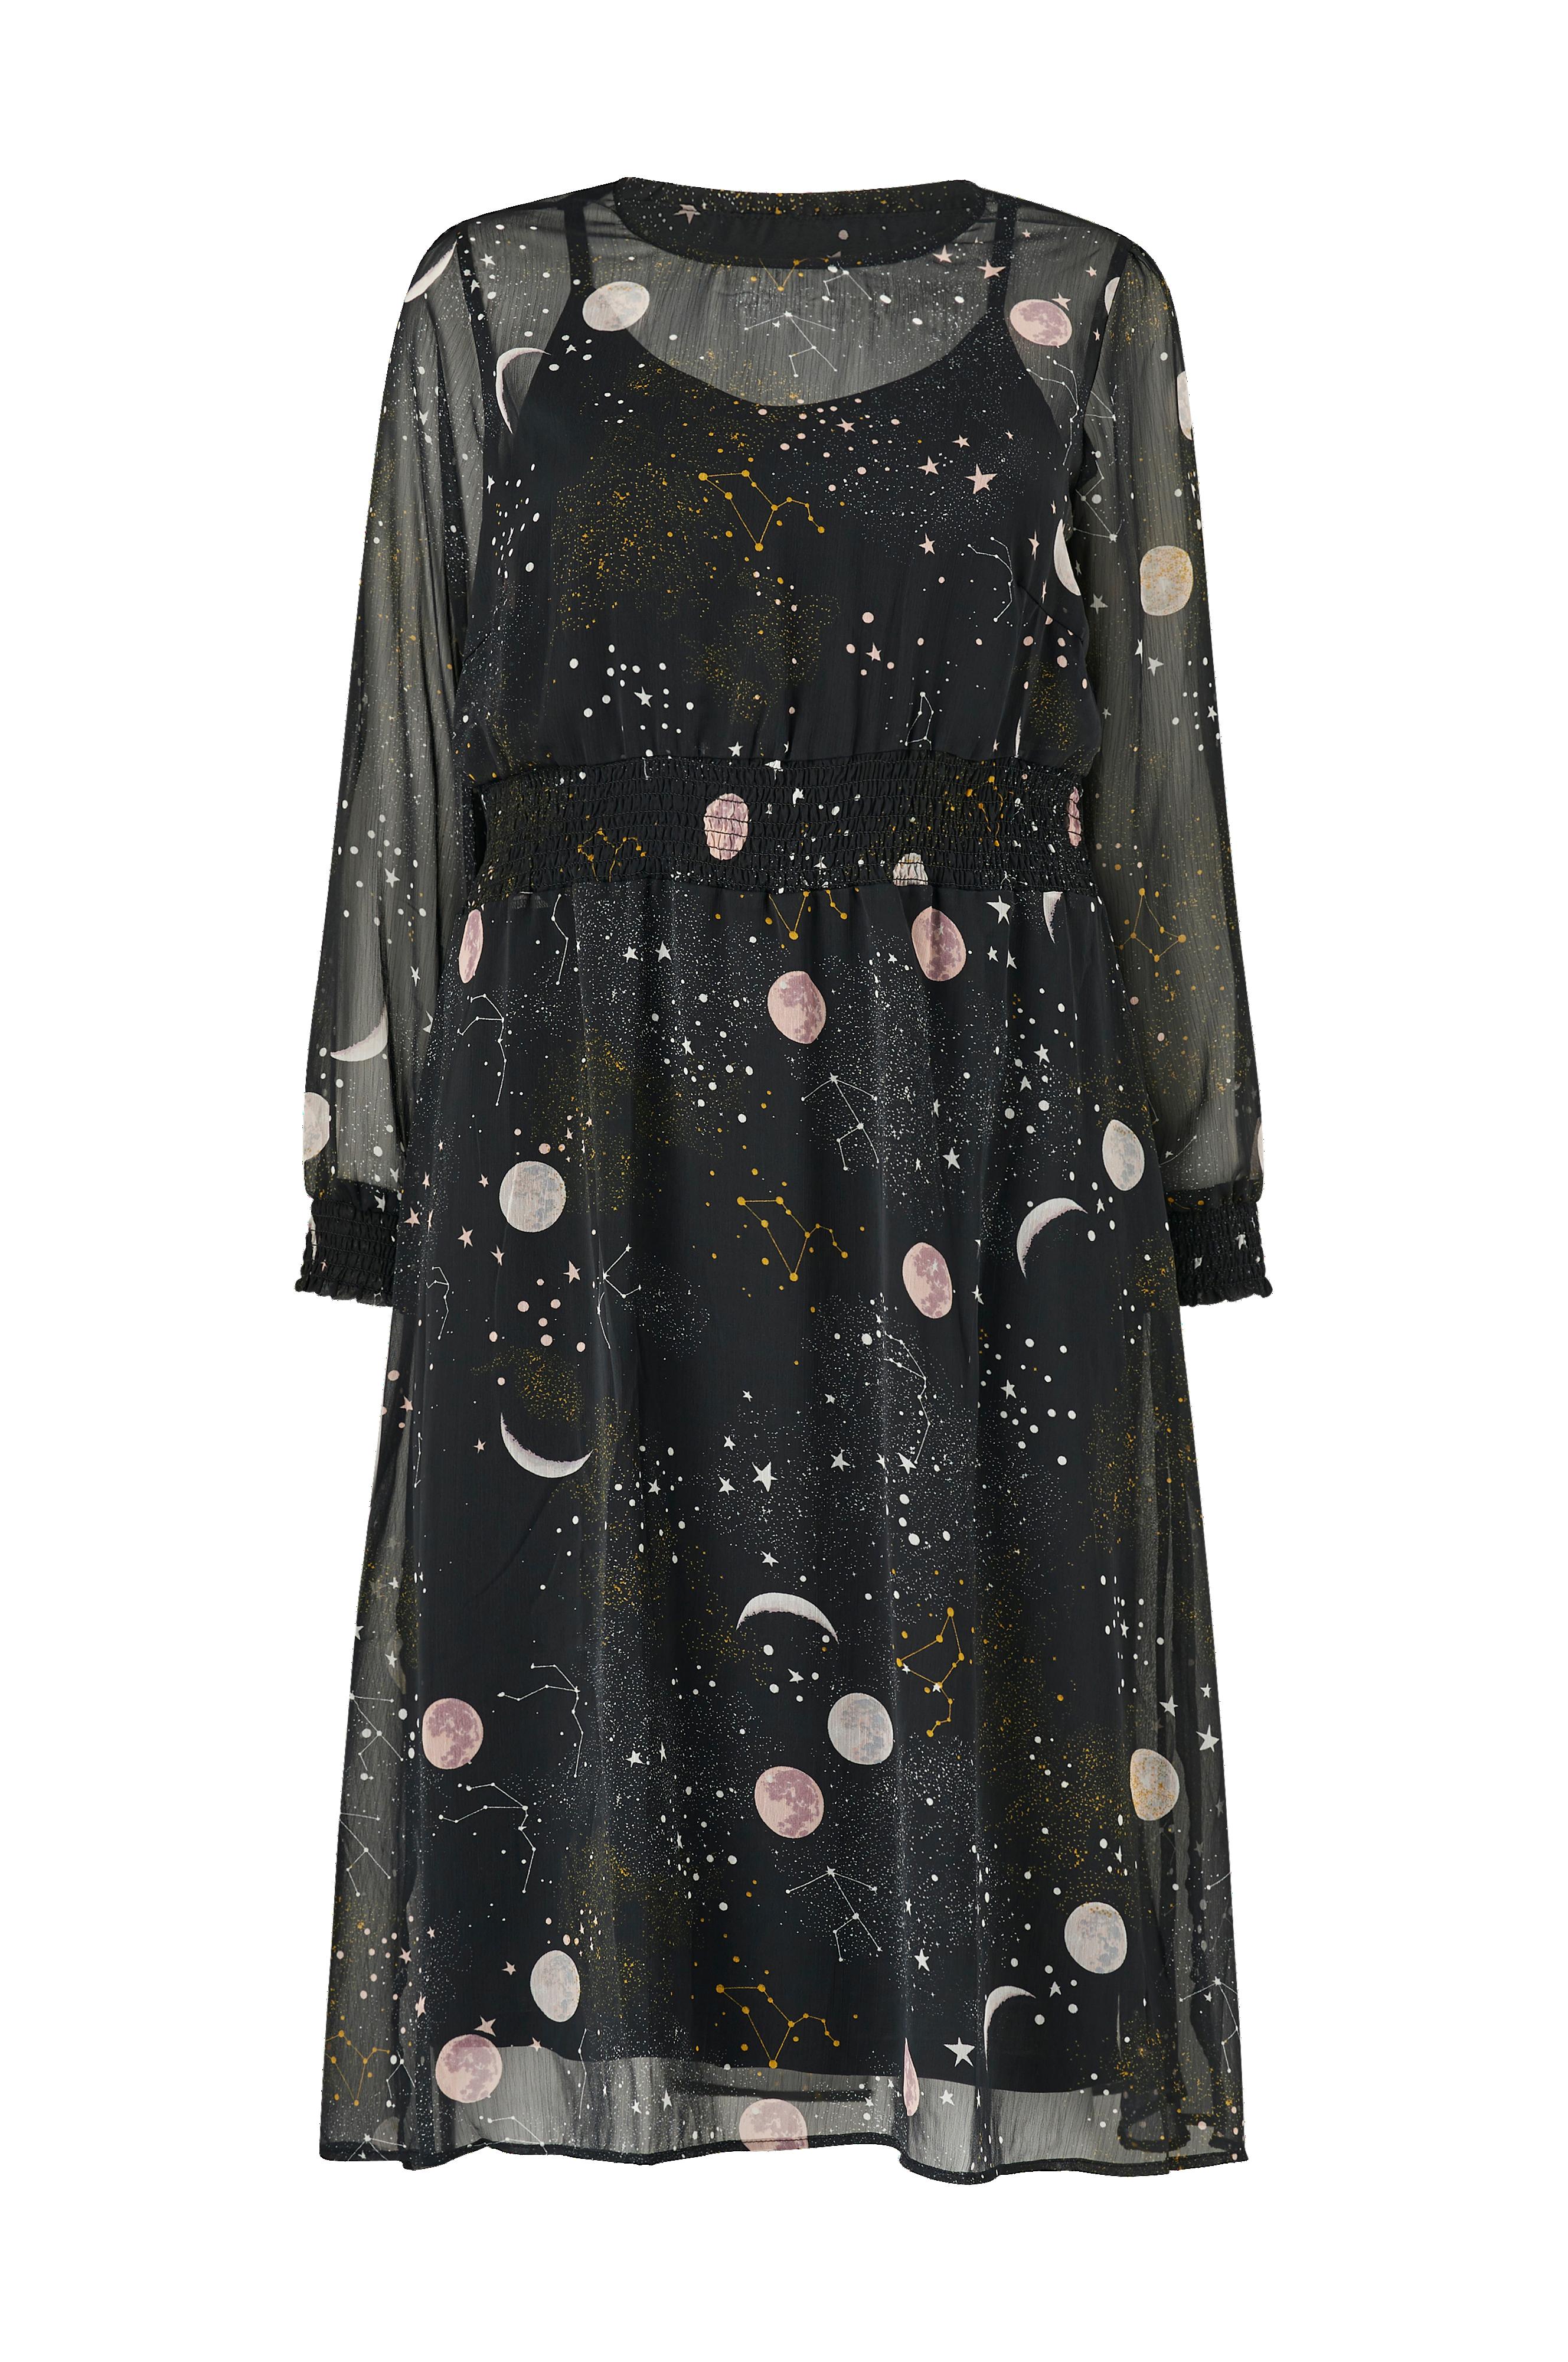 klänning med rymdmönster för barn